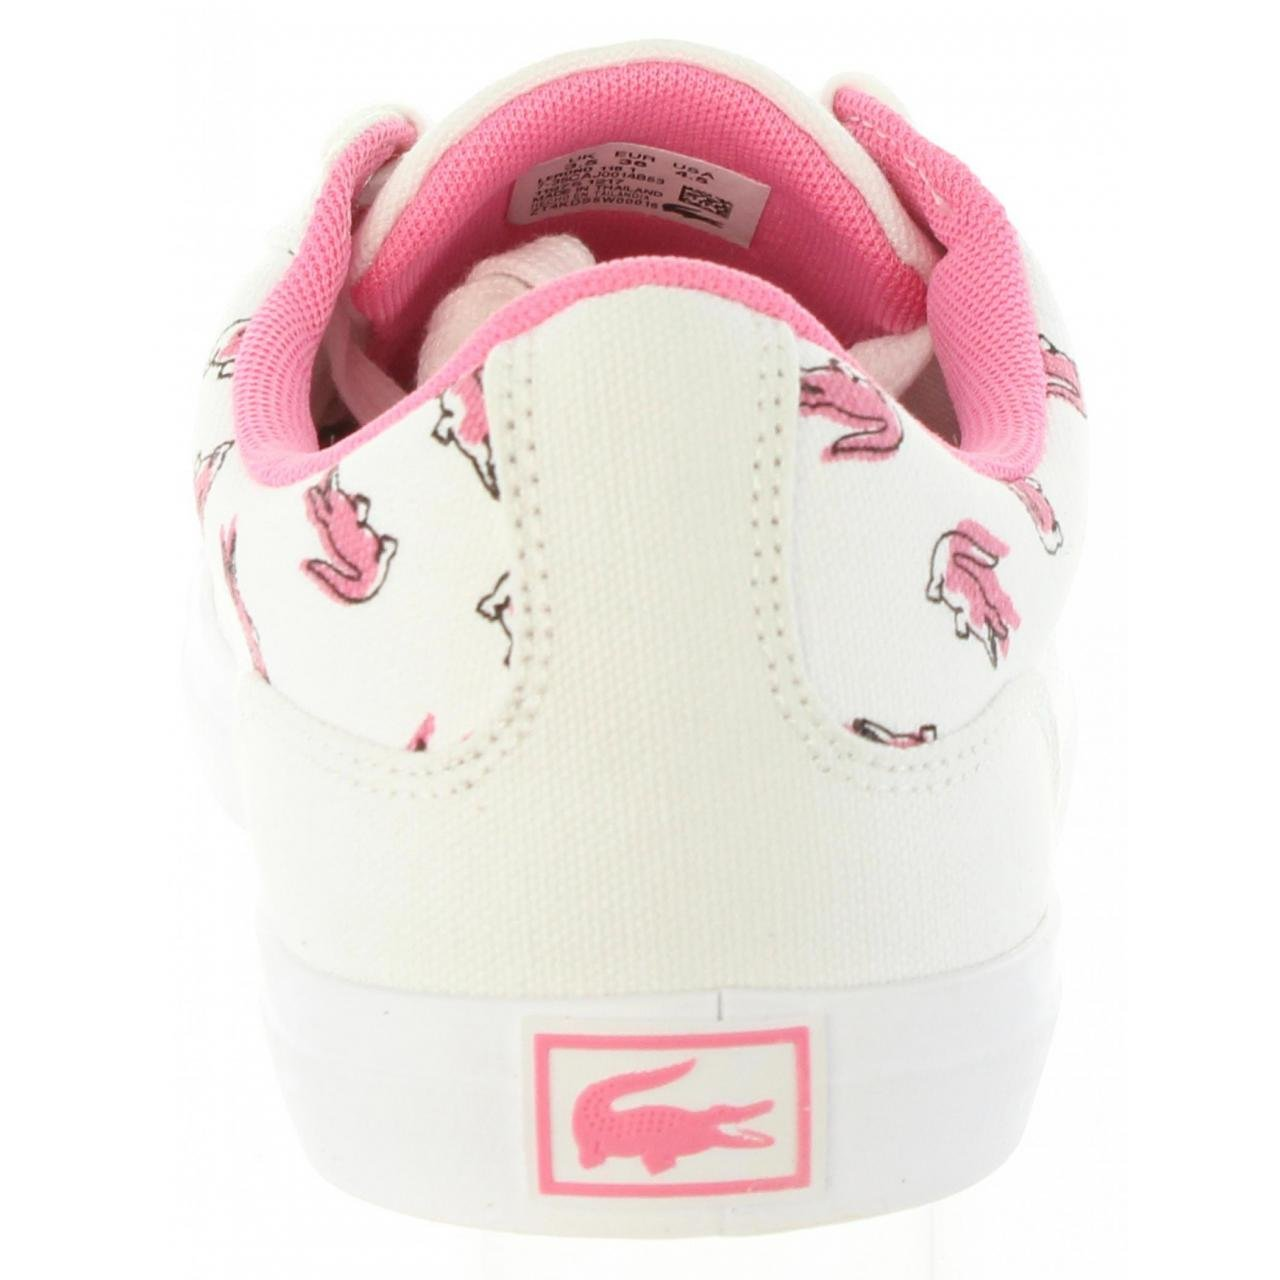 9fd5010f2d LACOSTE Sportif Pour Femme 35CAJ0014 Lerond B53 Wht-Pnk Taille 39:  Amazon.fr: Chaussures et Sacs